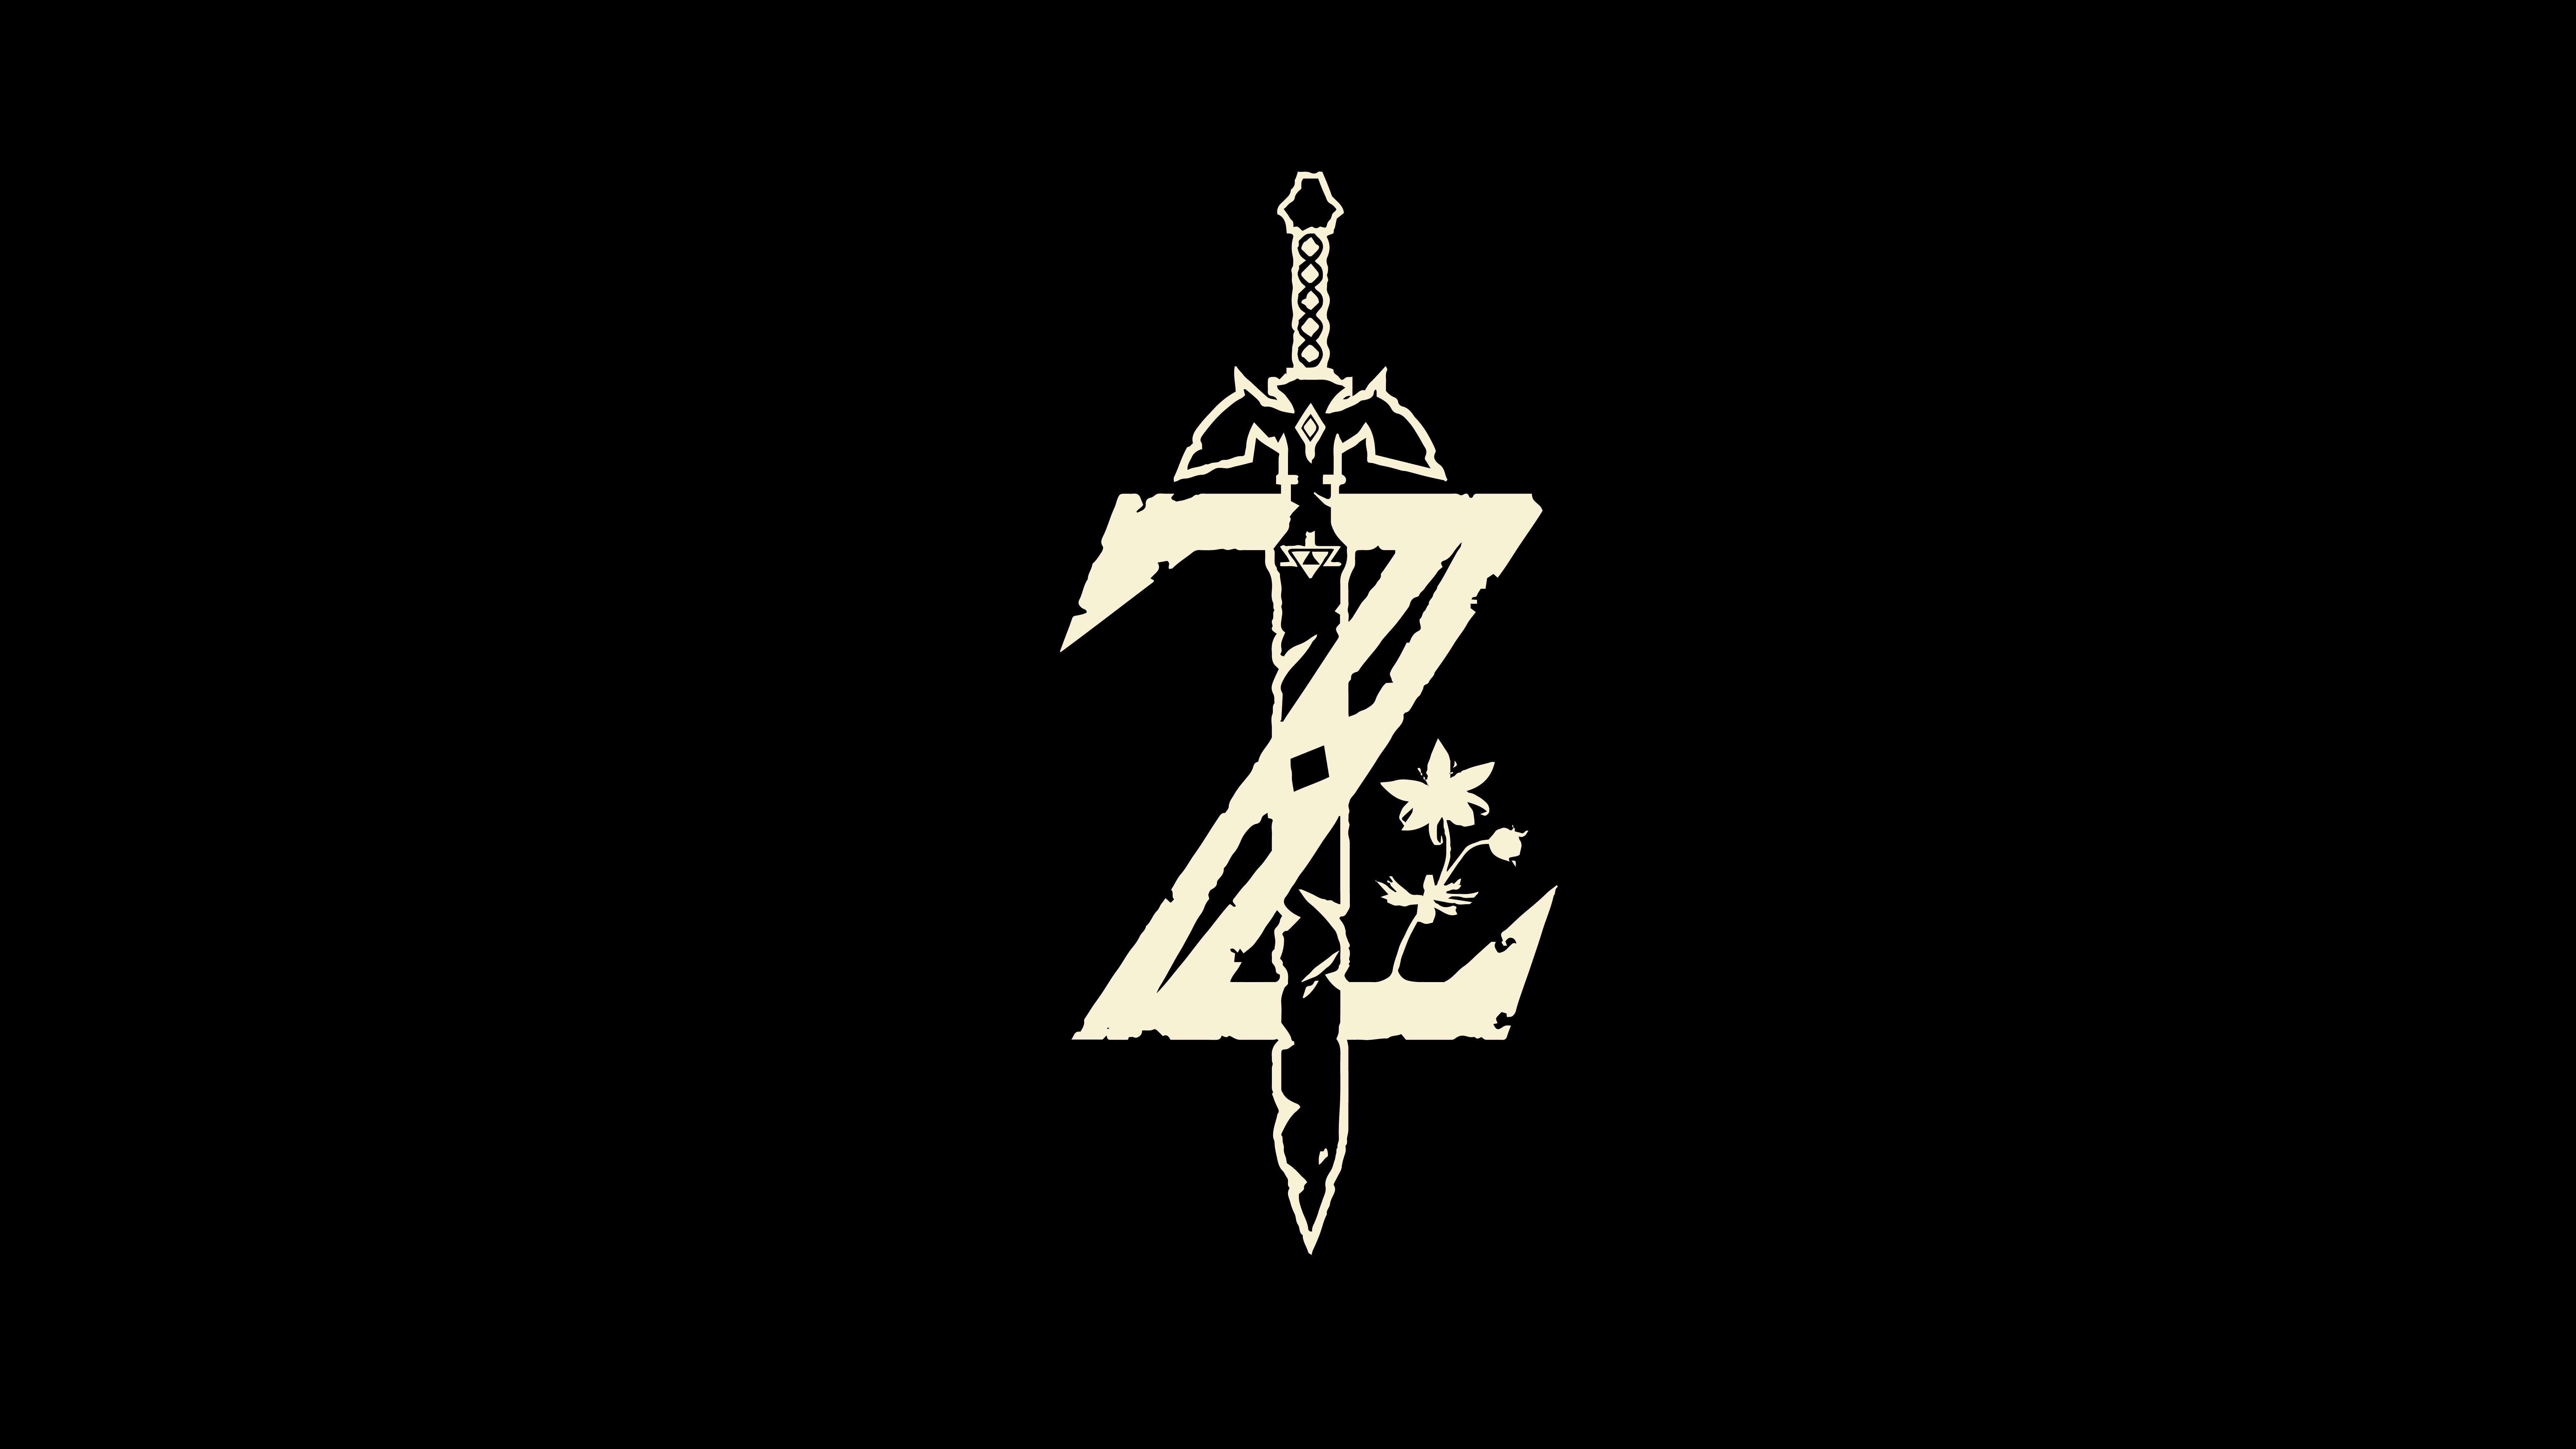 Wallpaper The Legend Of Zelda Minimalist